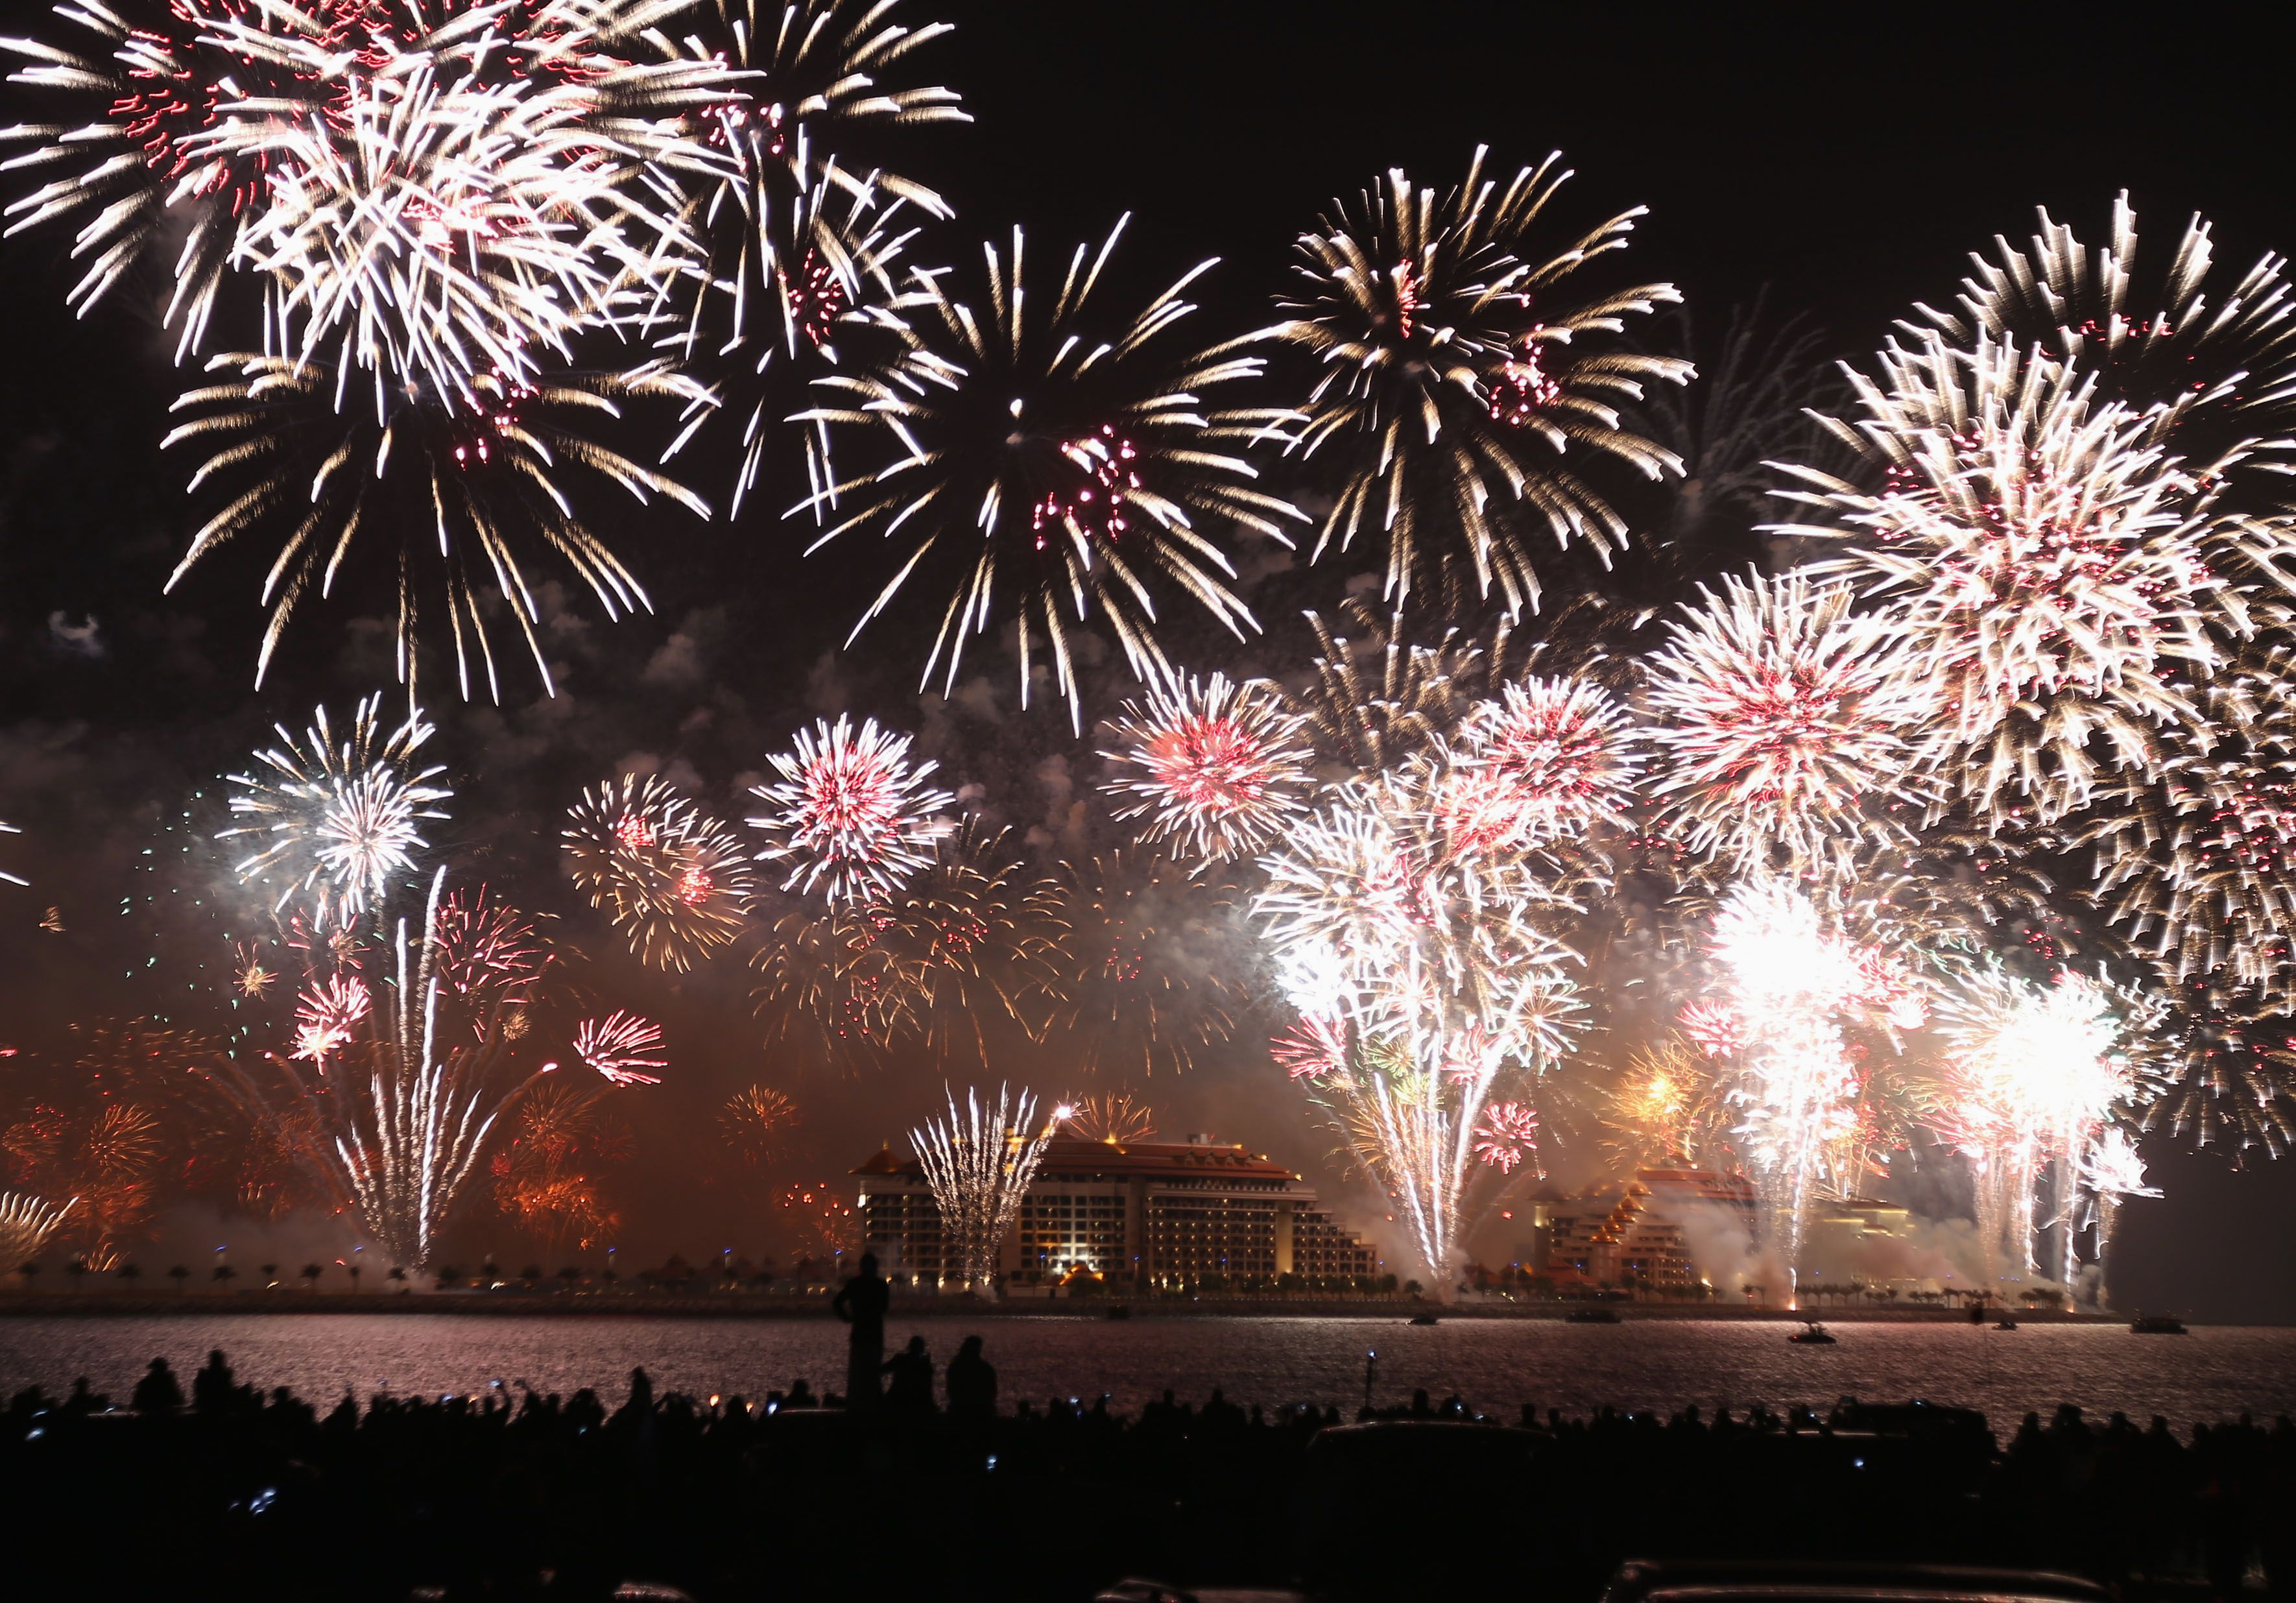 Le feu d'artifice du Nouvel An à Dubaï